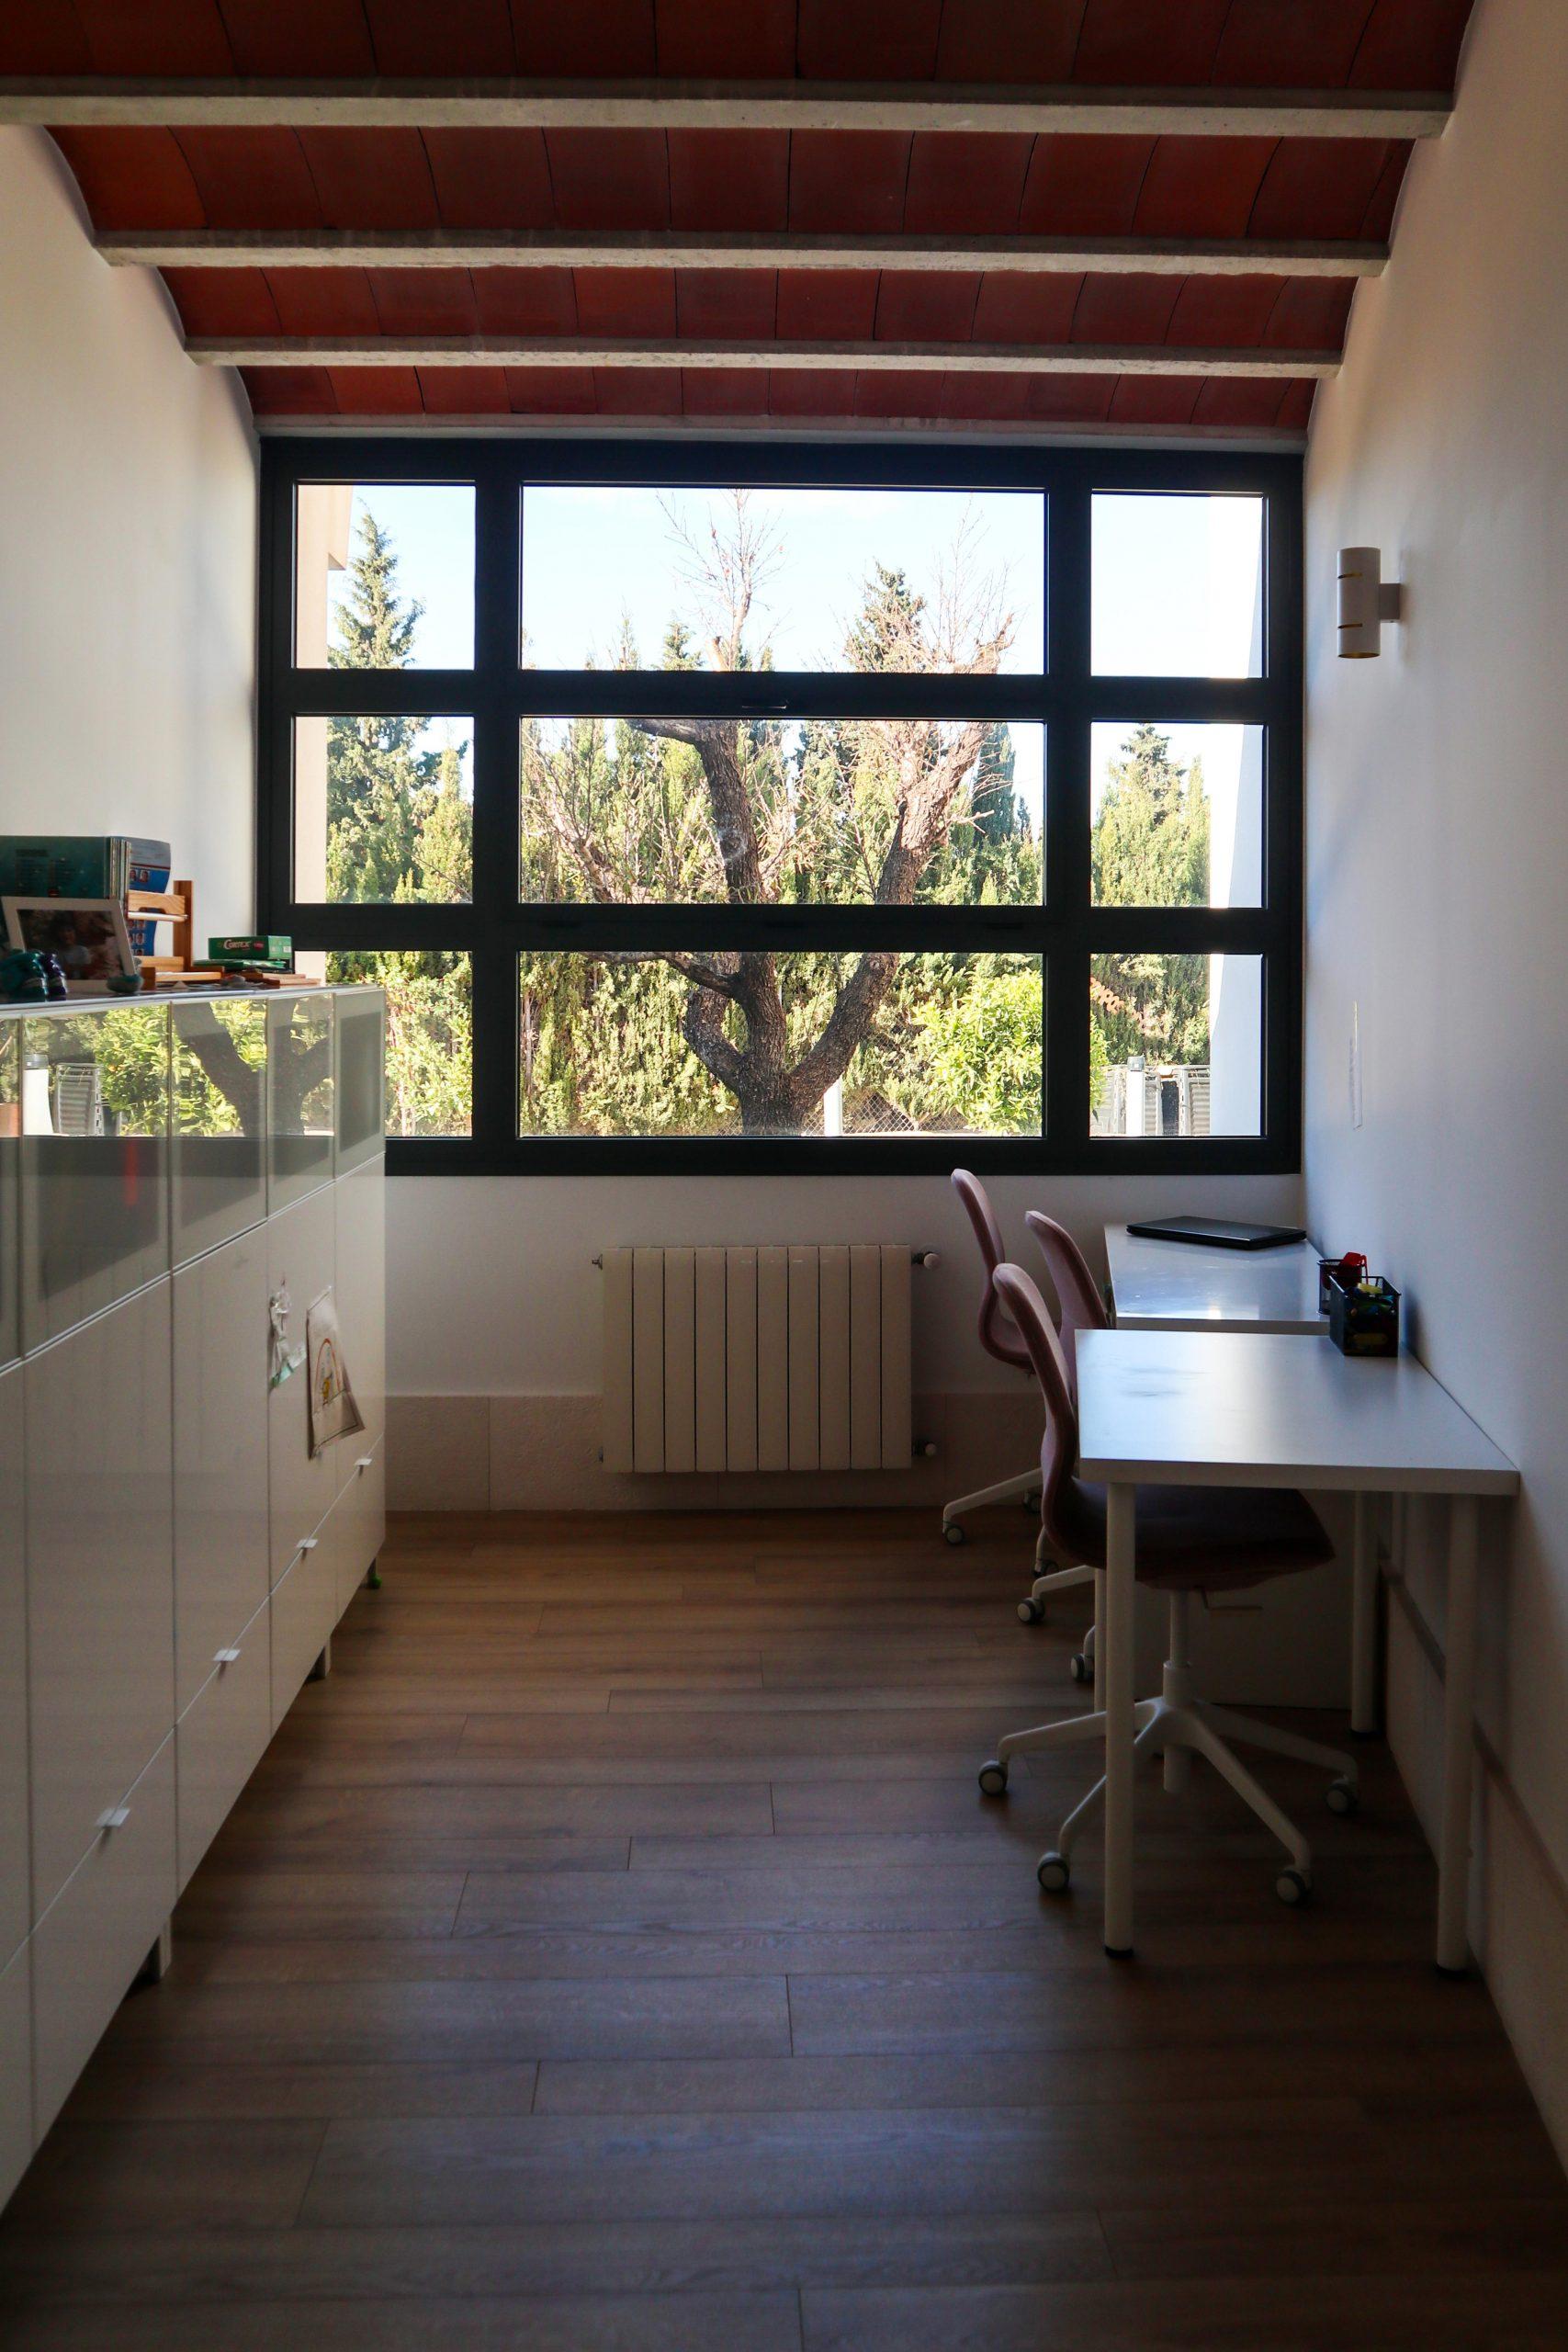 Interior habitación con techo de bovedillas cerámicas y mesa escritorio de estudio